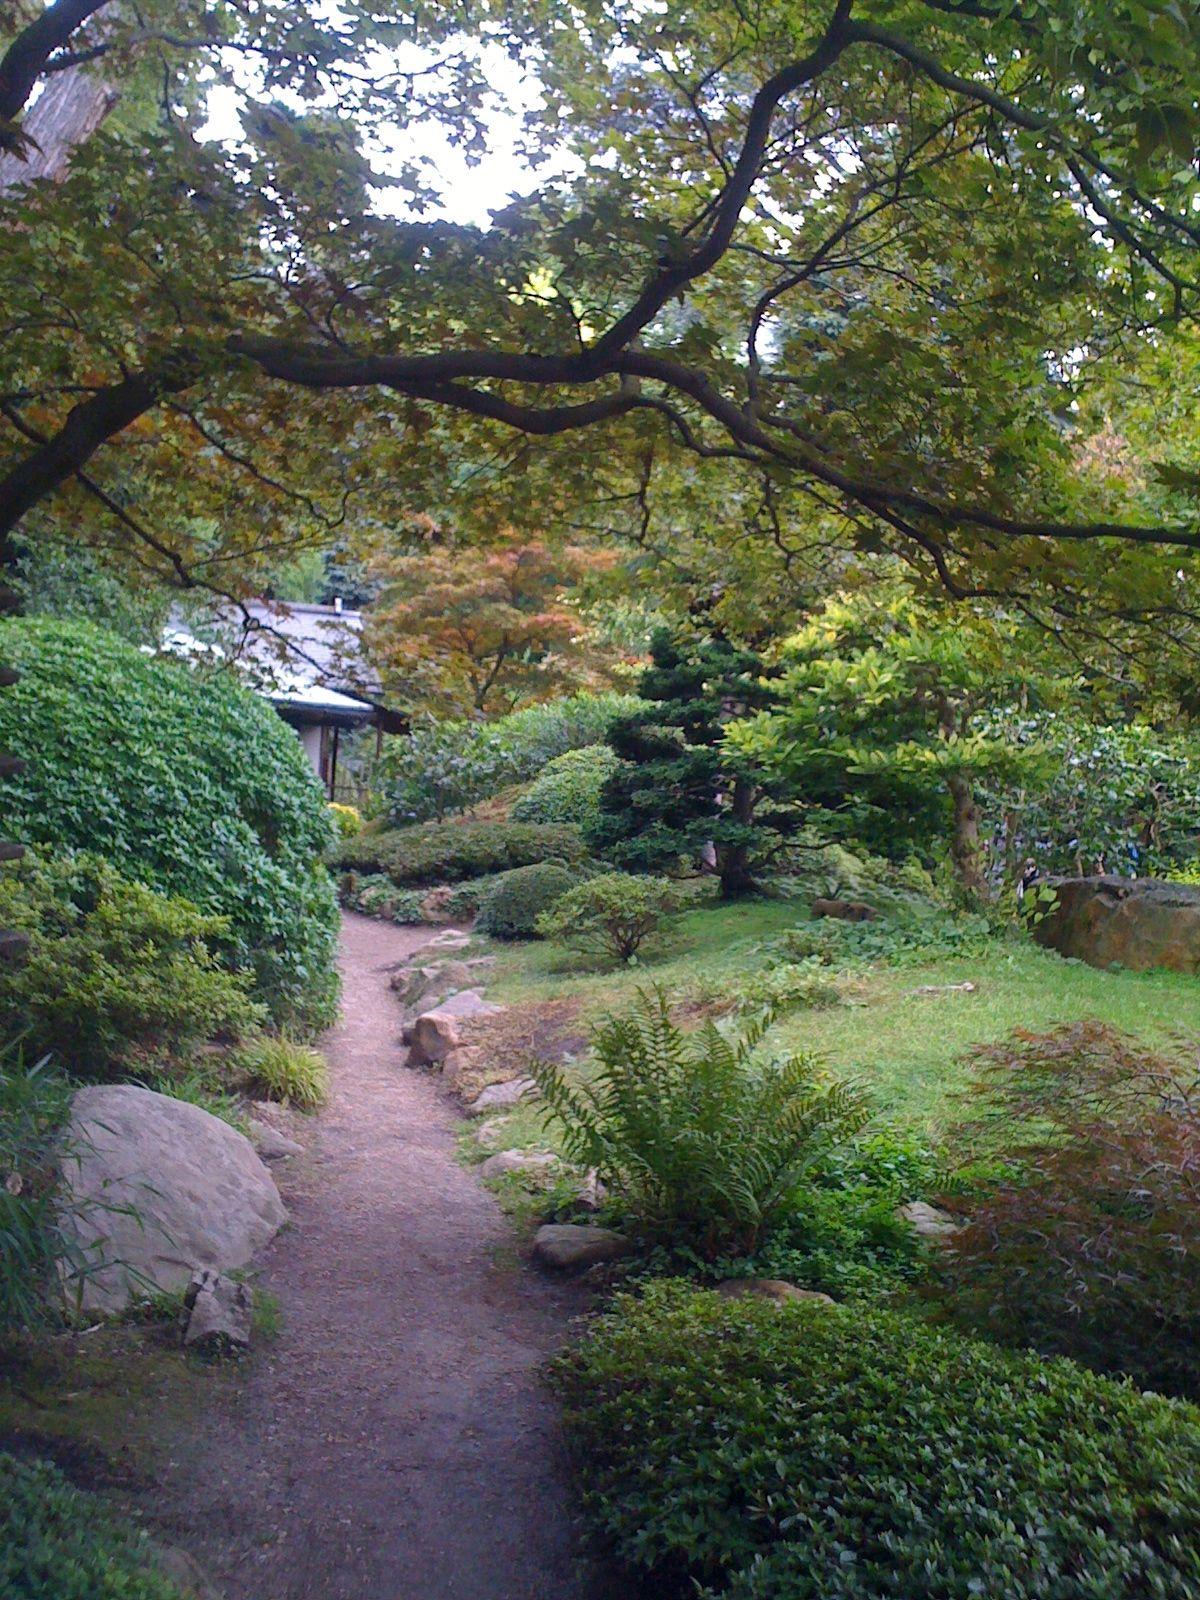 Jardin albert kahn boulogne billancourt d partement - Jardin japonais boulogne billancourt ...